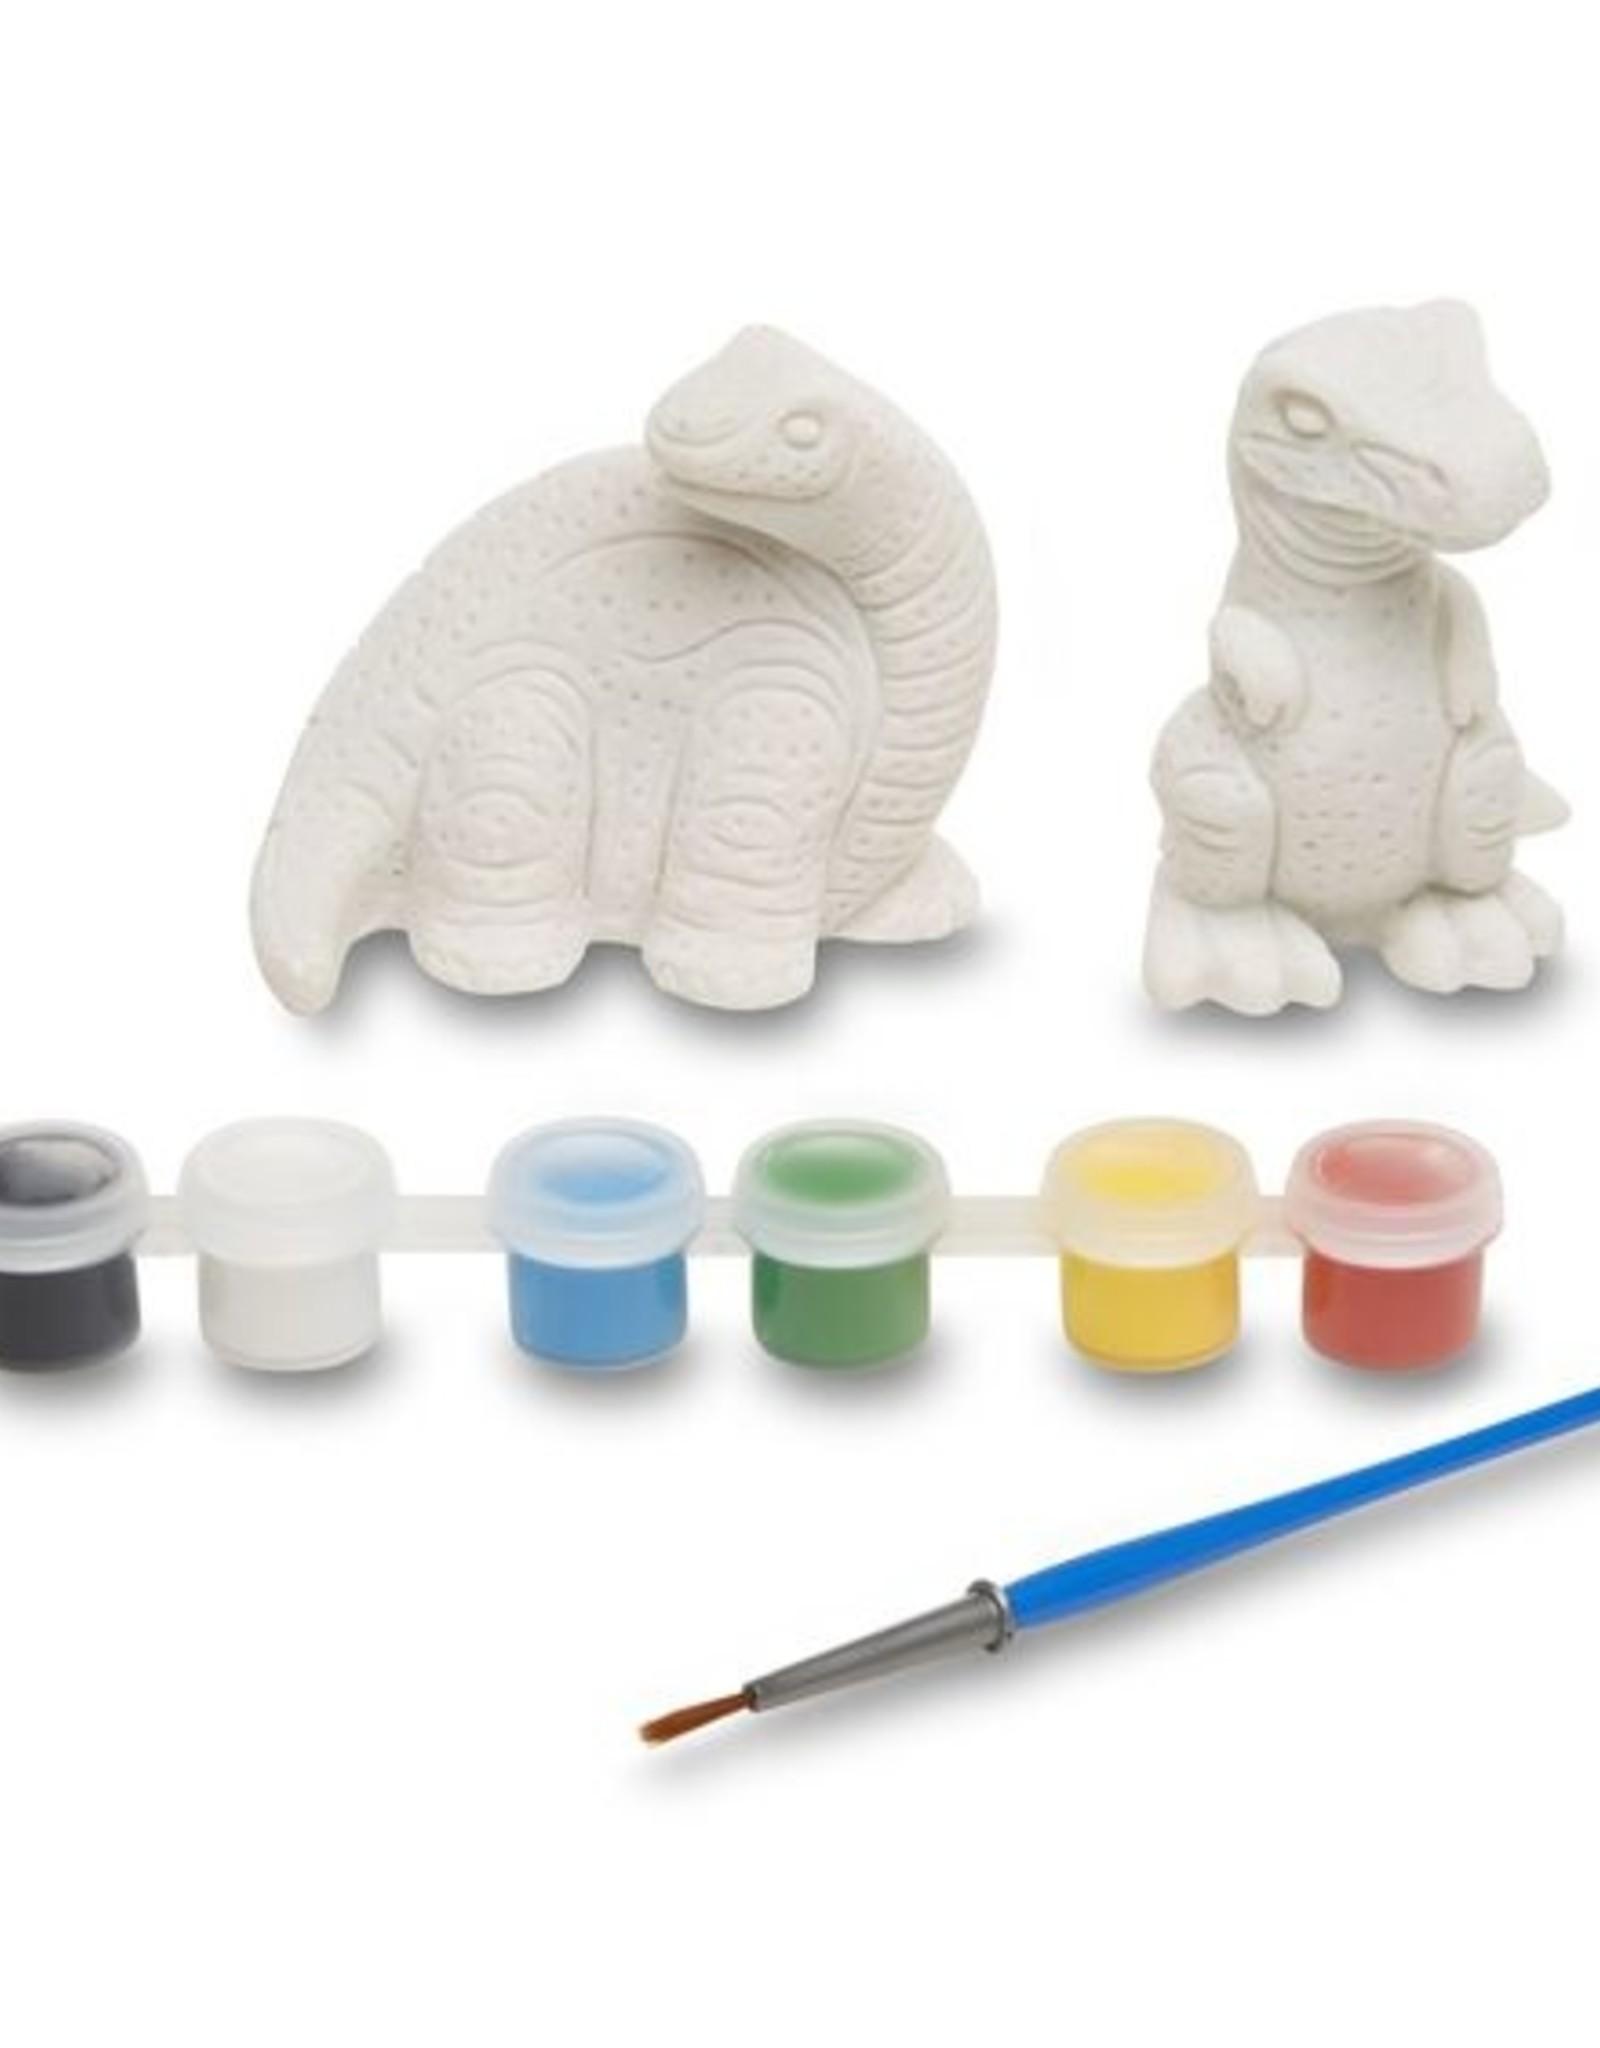 Melissa & Doug MD Paint Kit Dinosaur Figurines